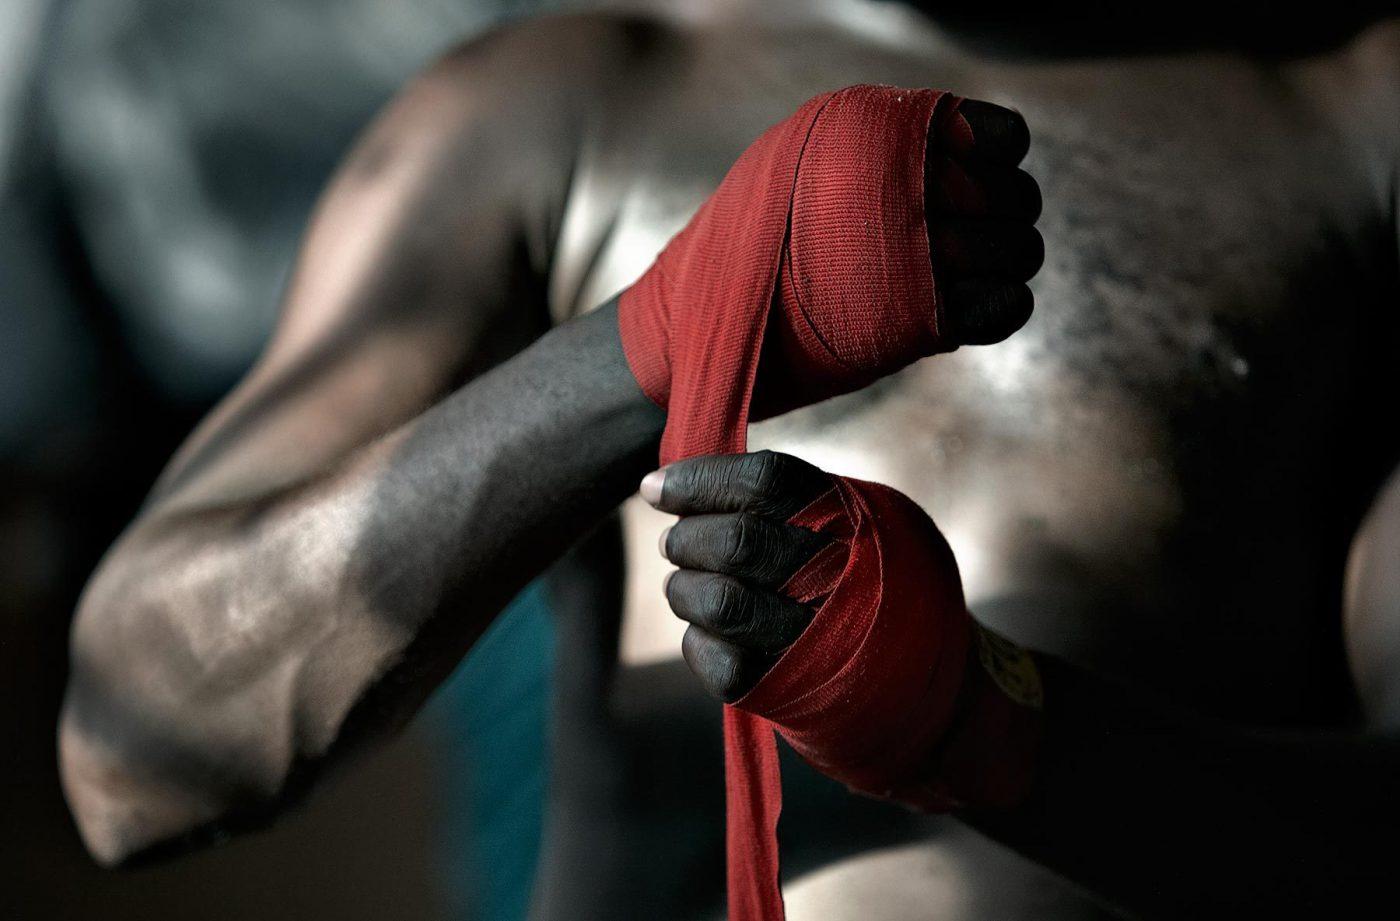 Cùng Vua Võ Thuật tìm hiểu băng quấn tay boxing loại nào tốt